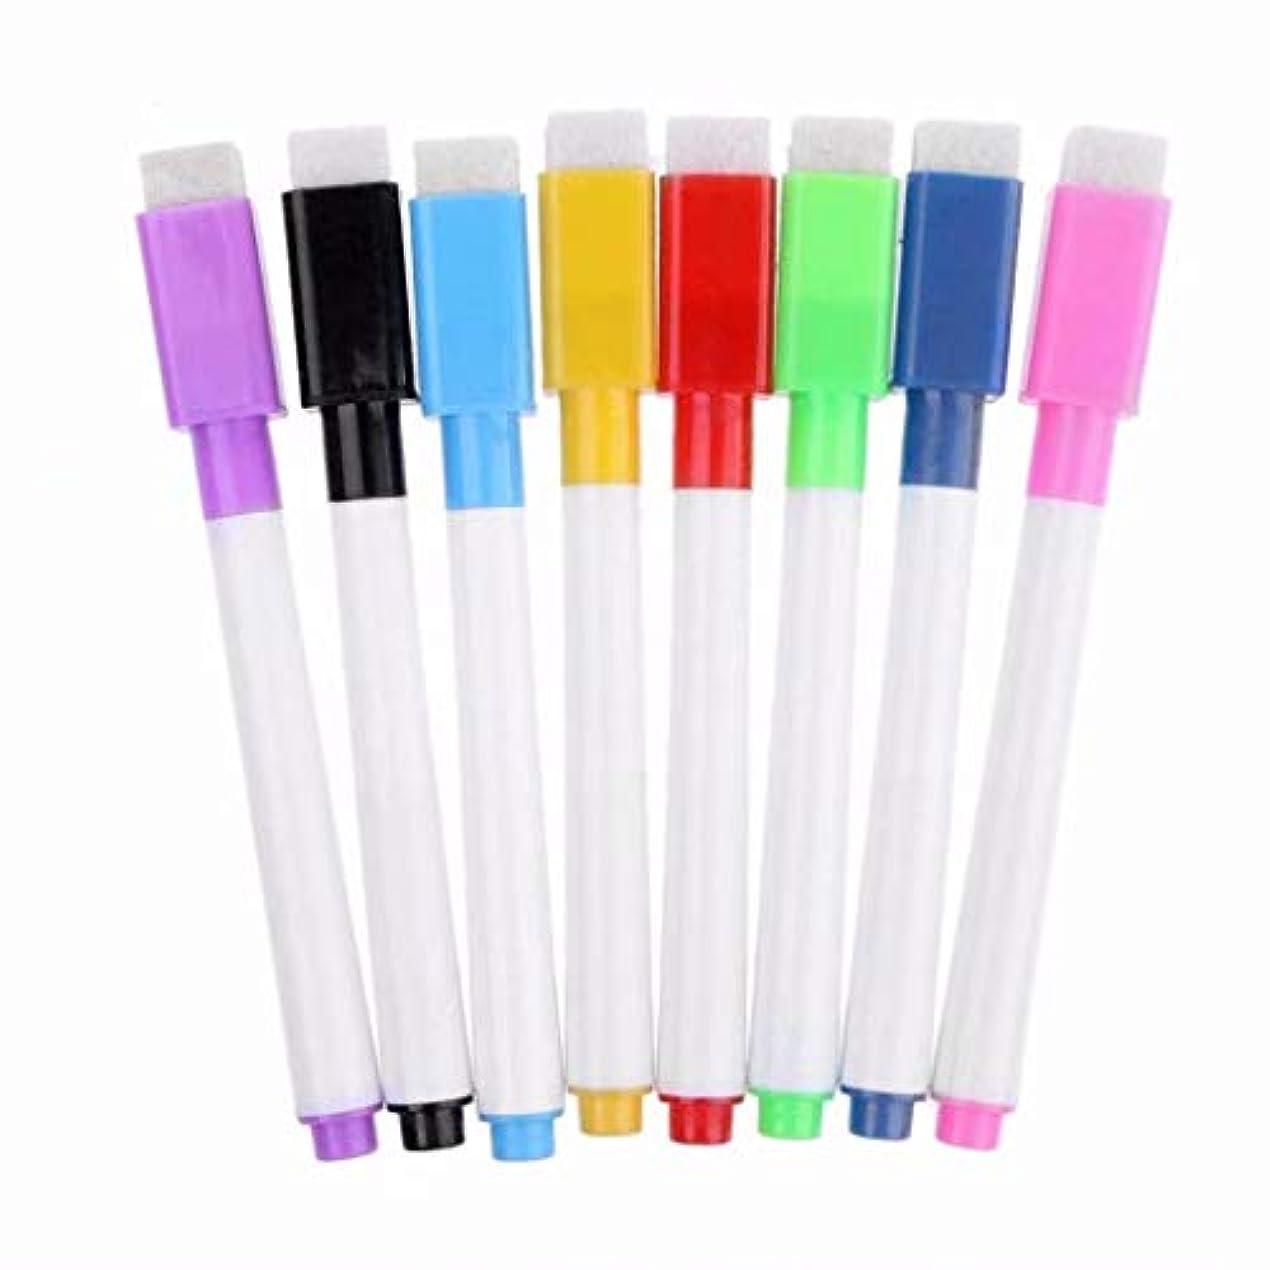 オーストラリア人ええ心のこもった七里の香 磁気ホワイトボードペン消去可能なドライホワイトボードマーカーマグネットは、 イレーザー 学校教育事務用品 8個セット